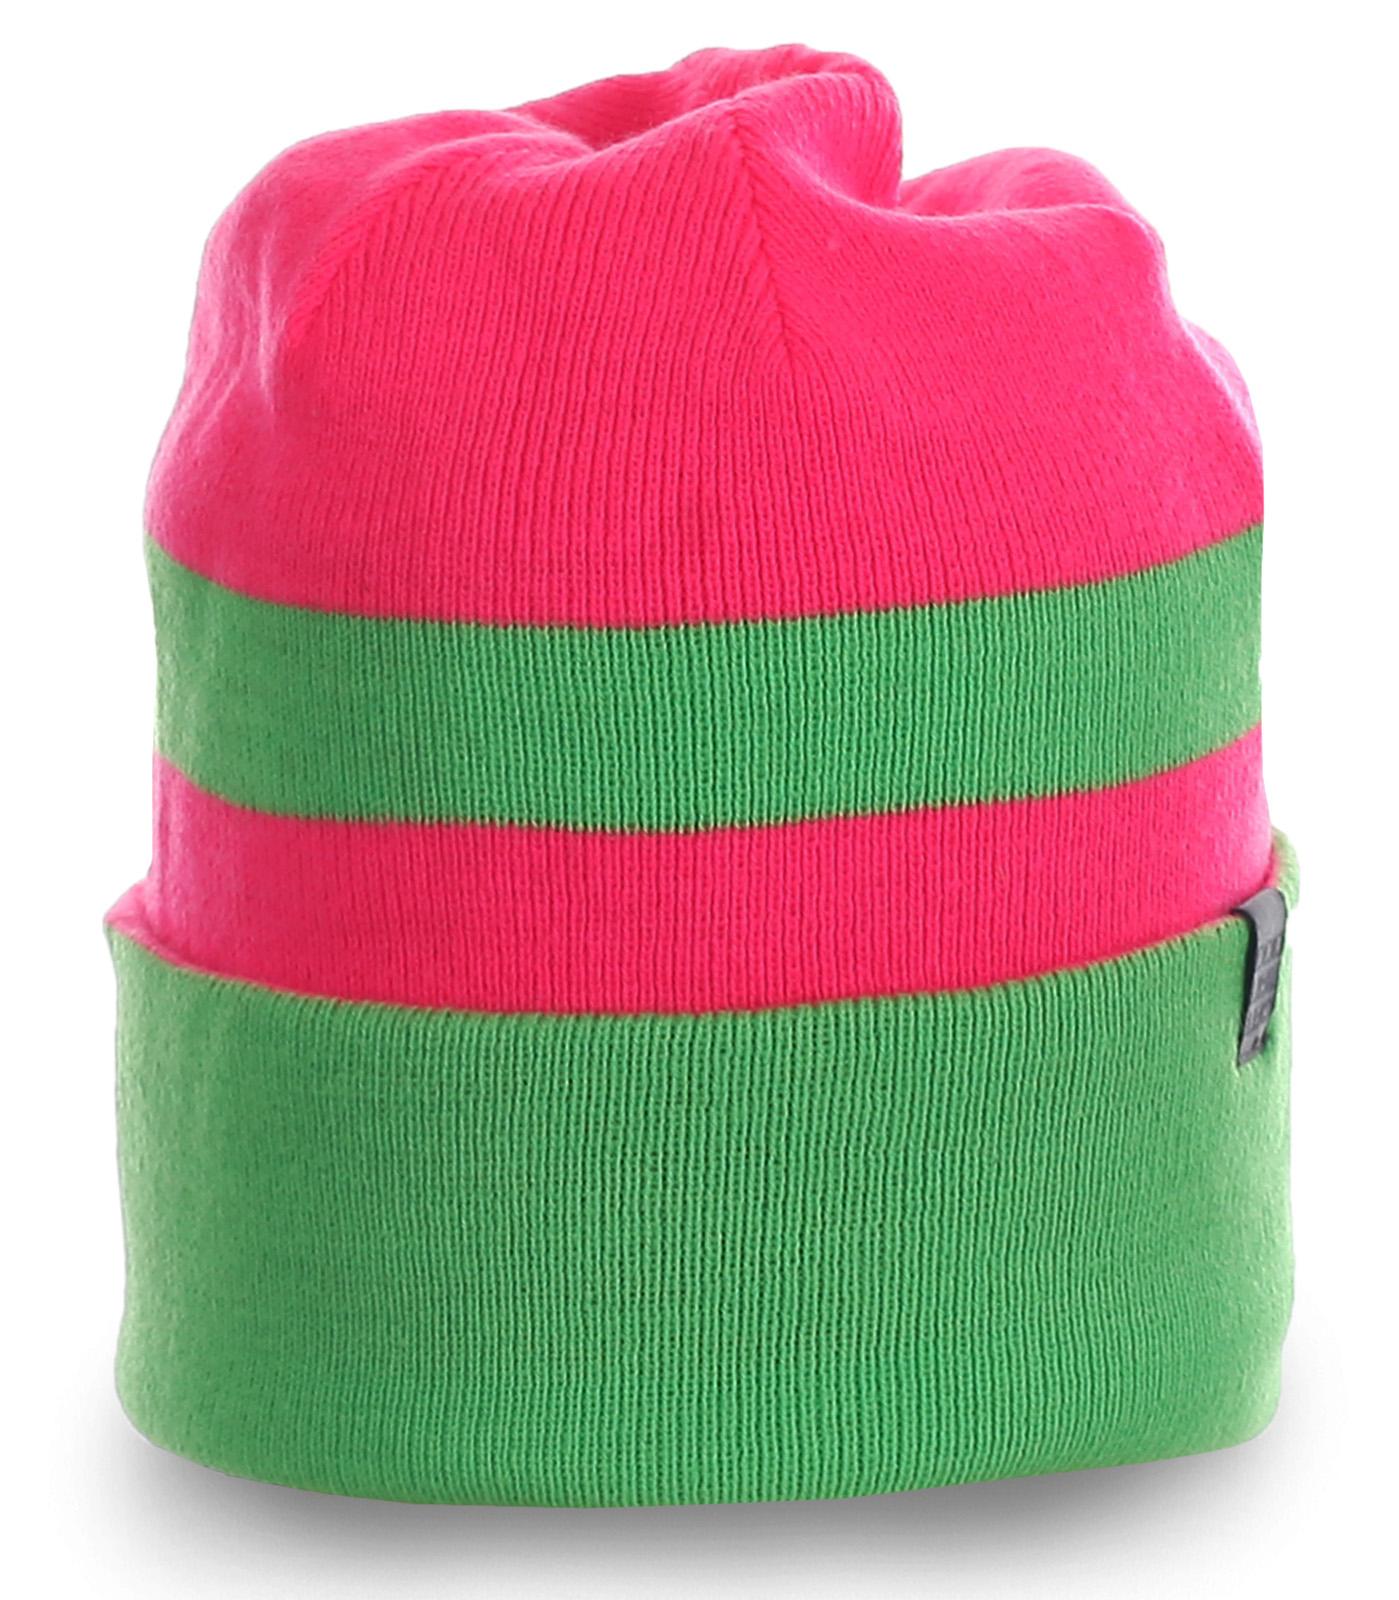 Популярная женская шапка яркой расцветки с отворотом удобного фасона